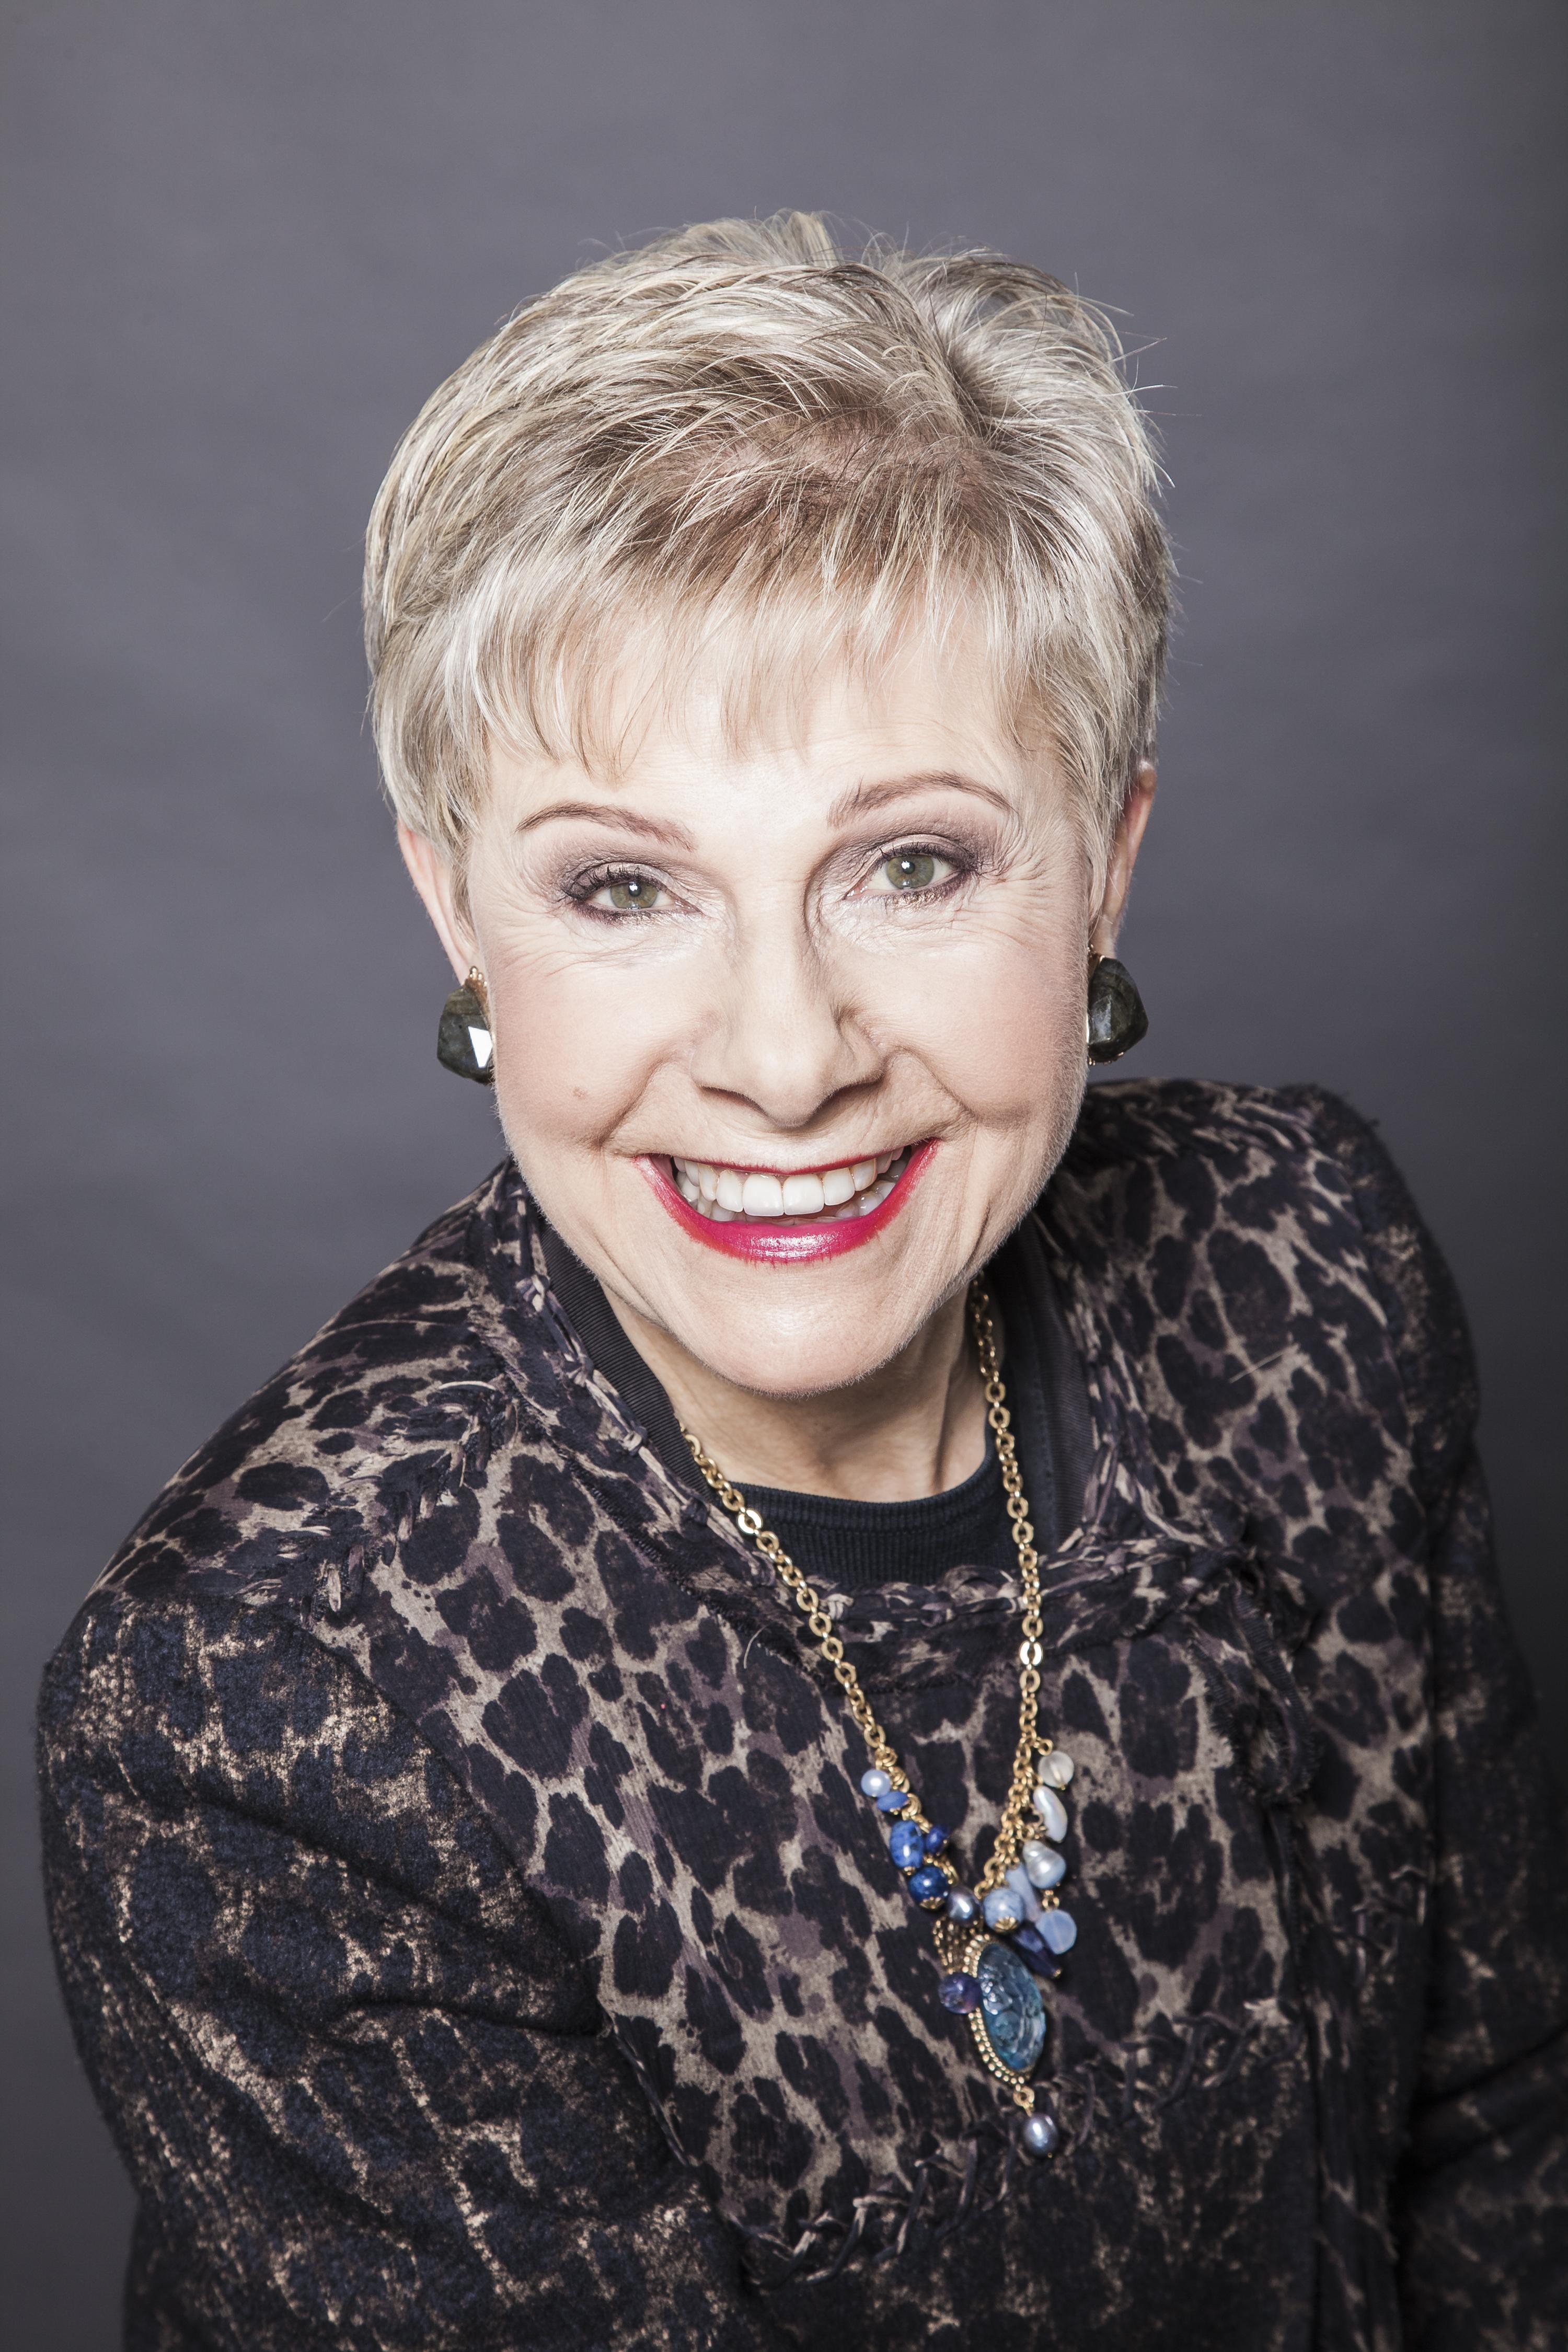 Patricia Fripp Headshot